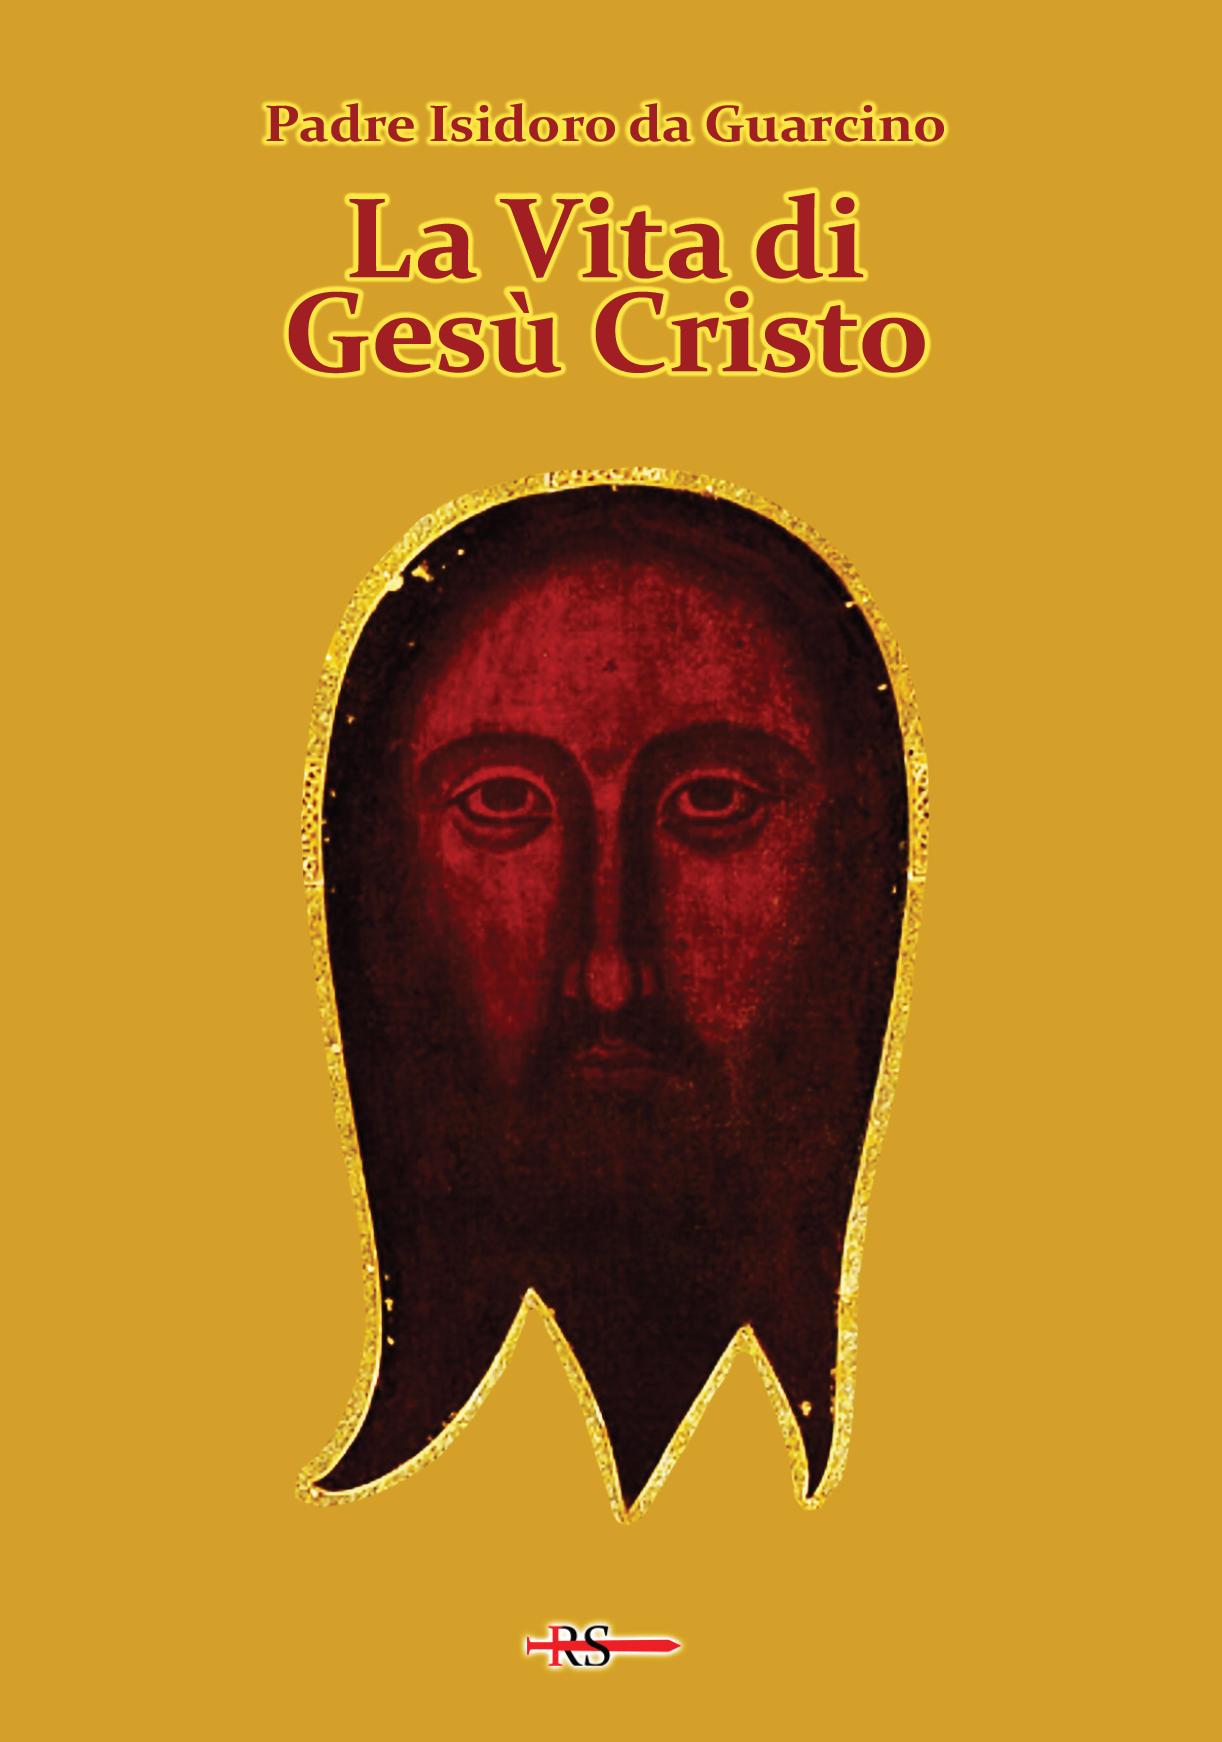 La Vita di Gesù Cristo